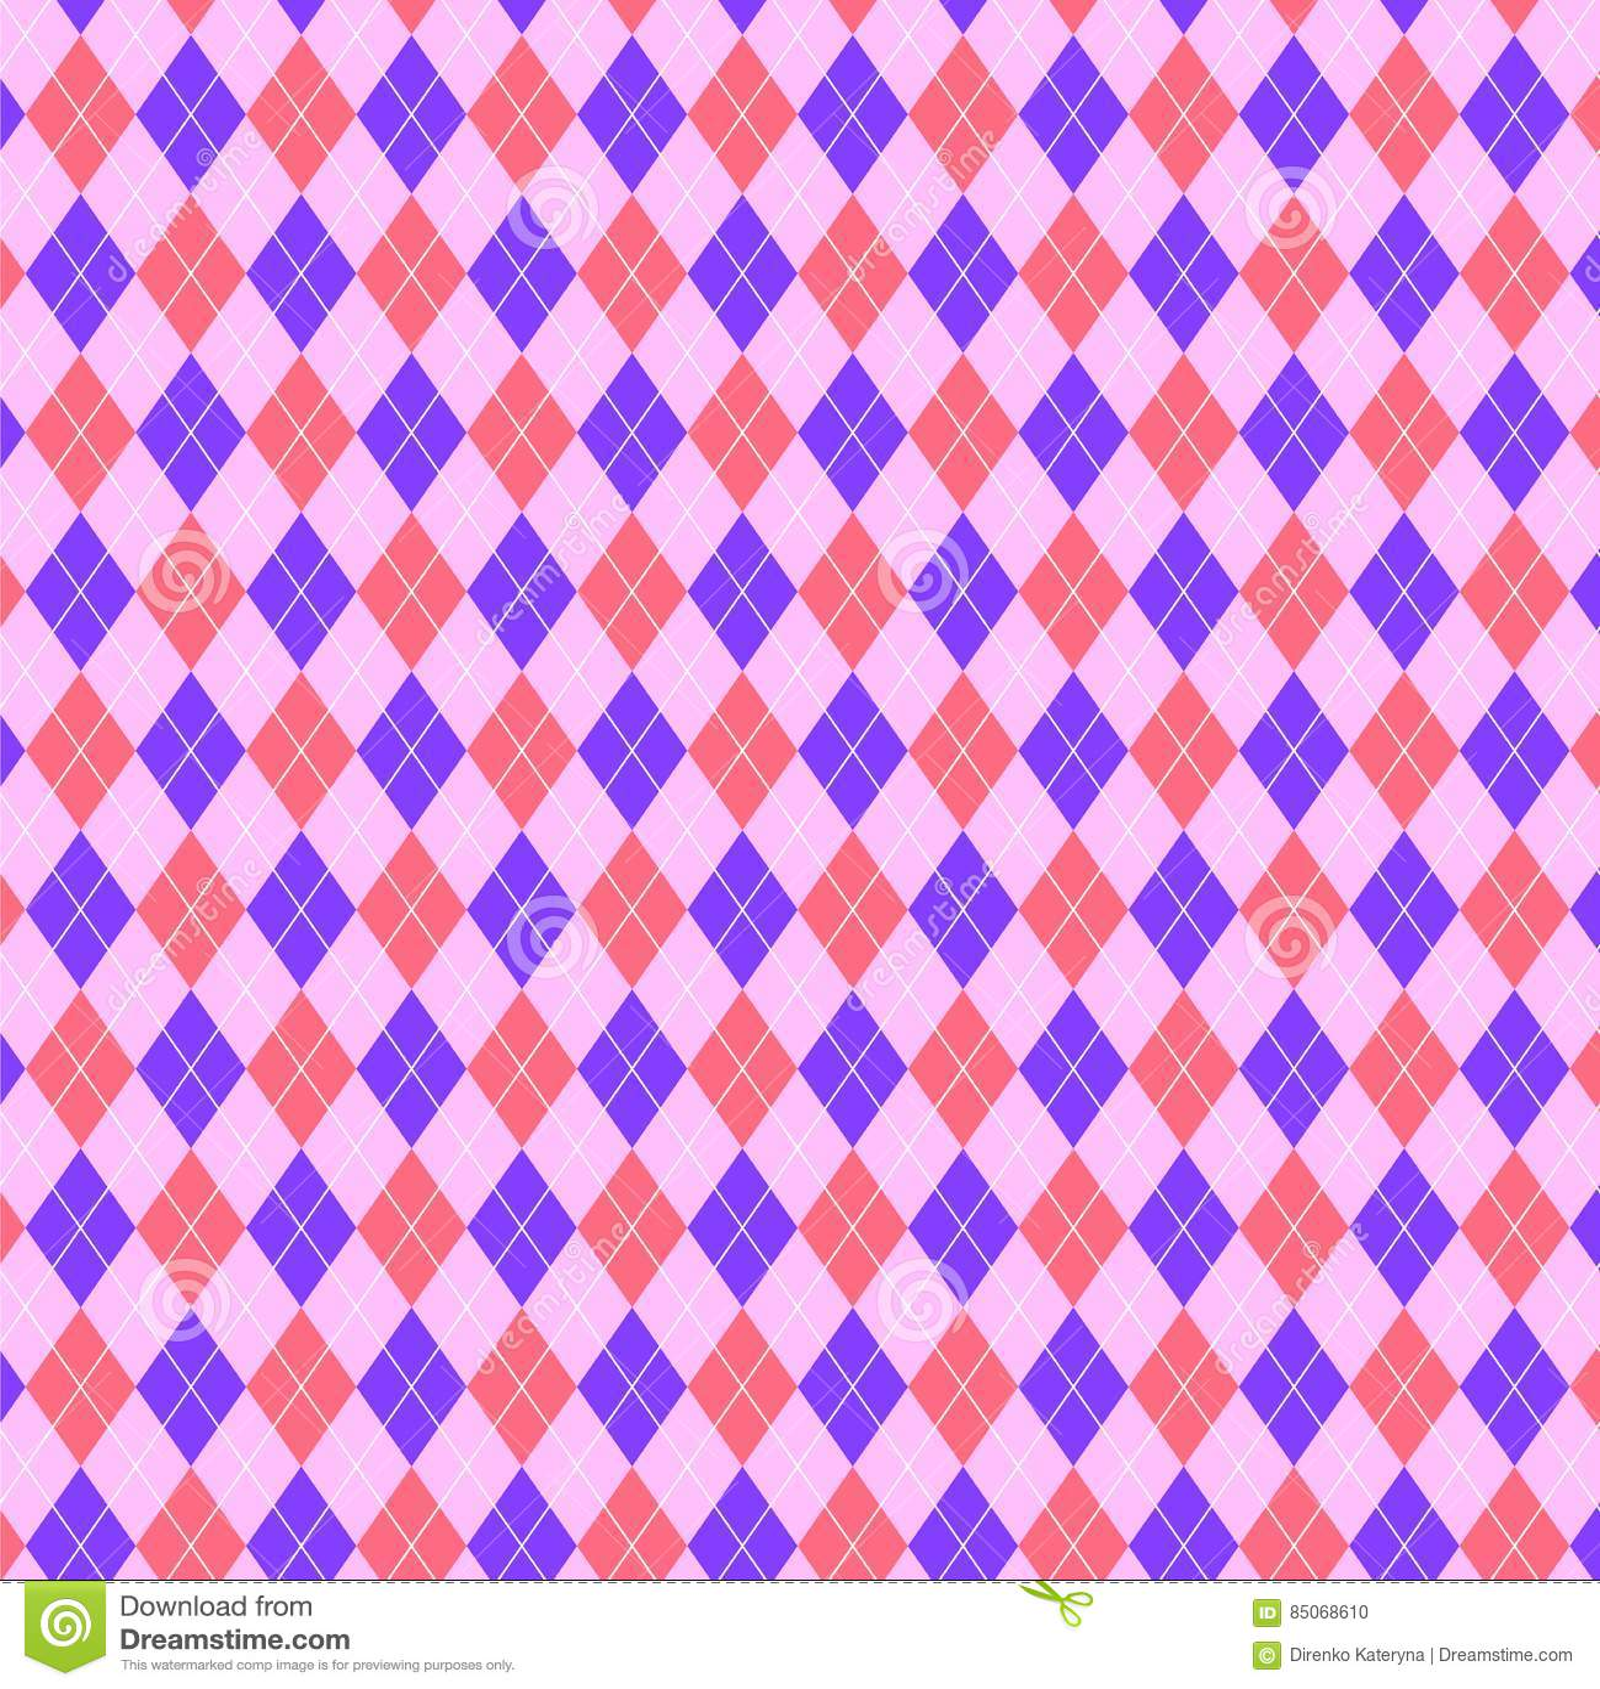 Ljusa rosa färger och purpurfärgad modell av diamanttrianglar geometrisk bakgrund